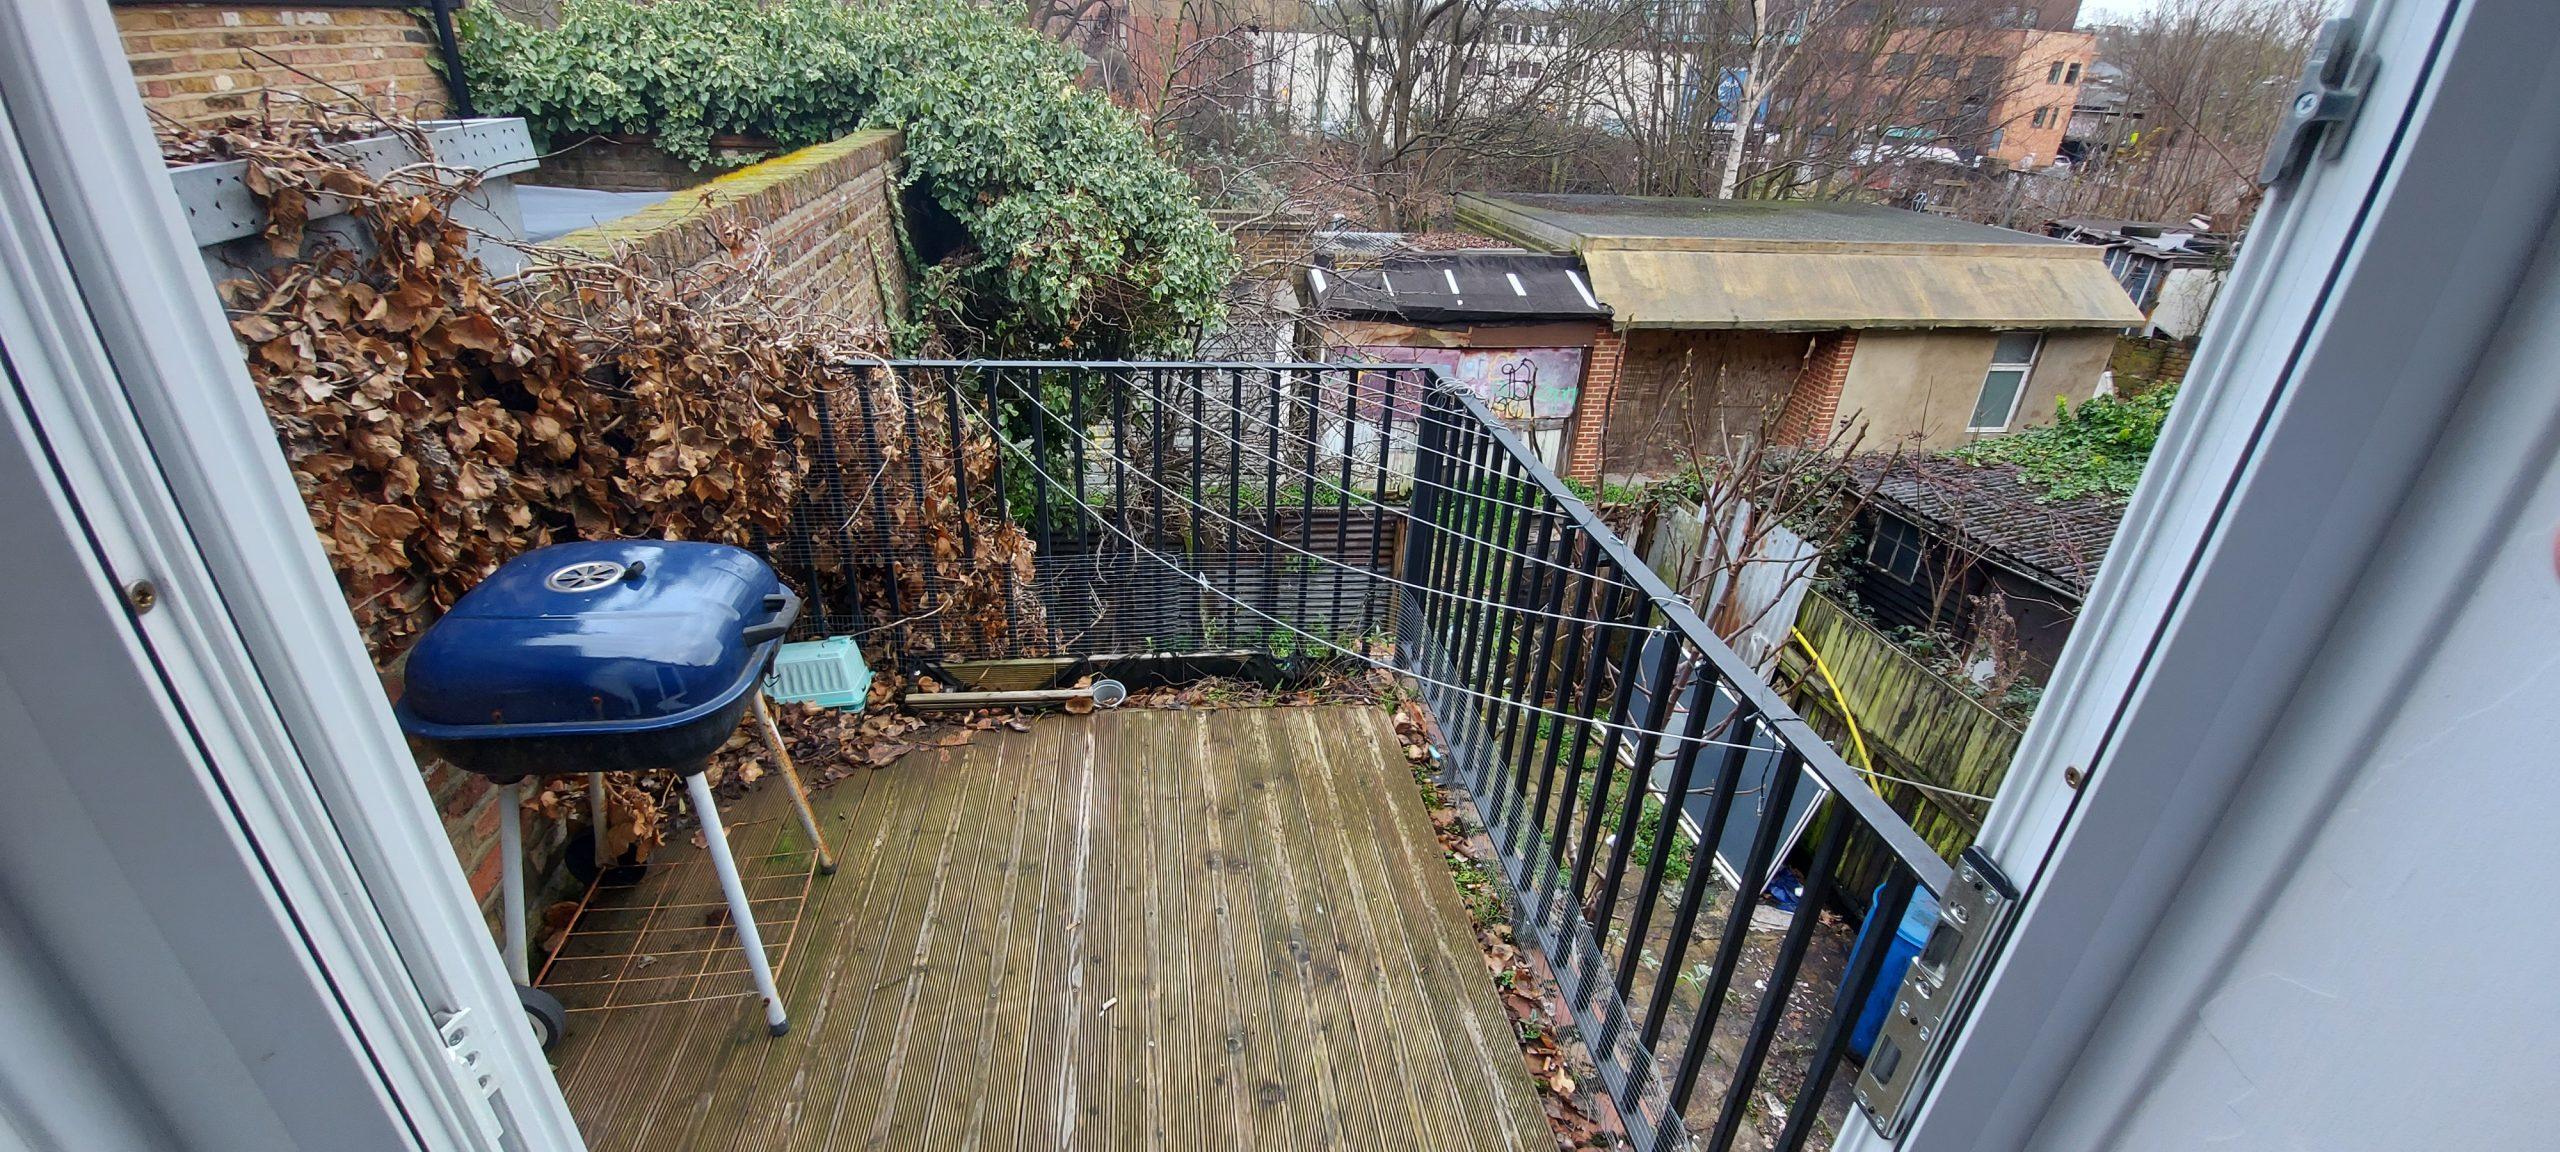 2 Bed Flat Endwell Road Bruckley SE4